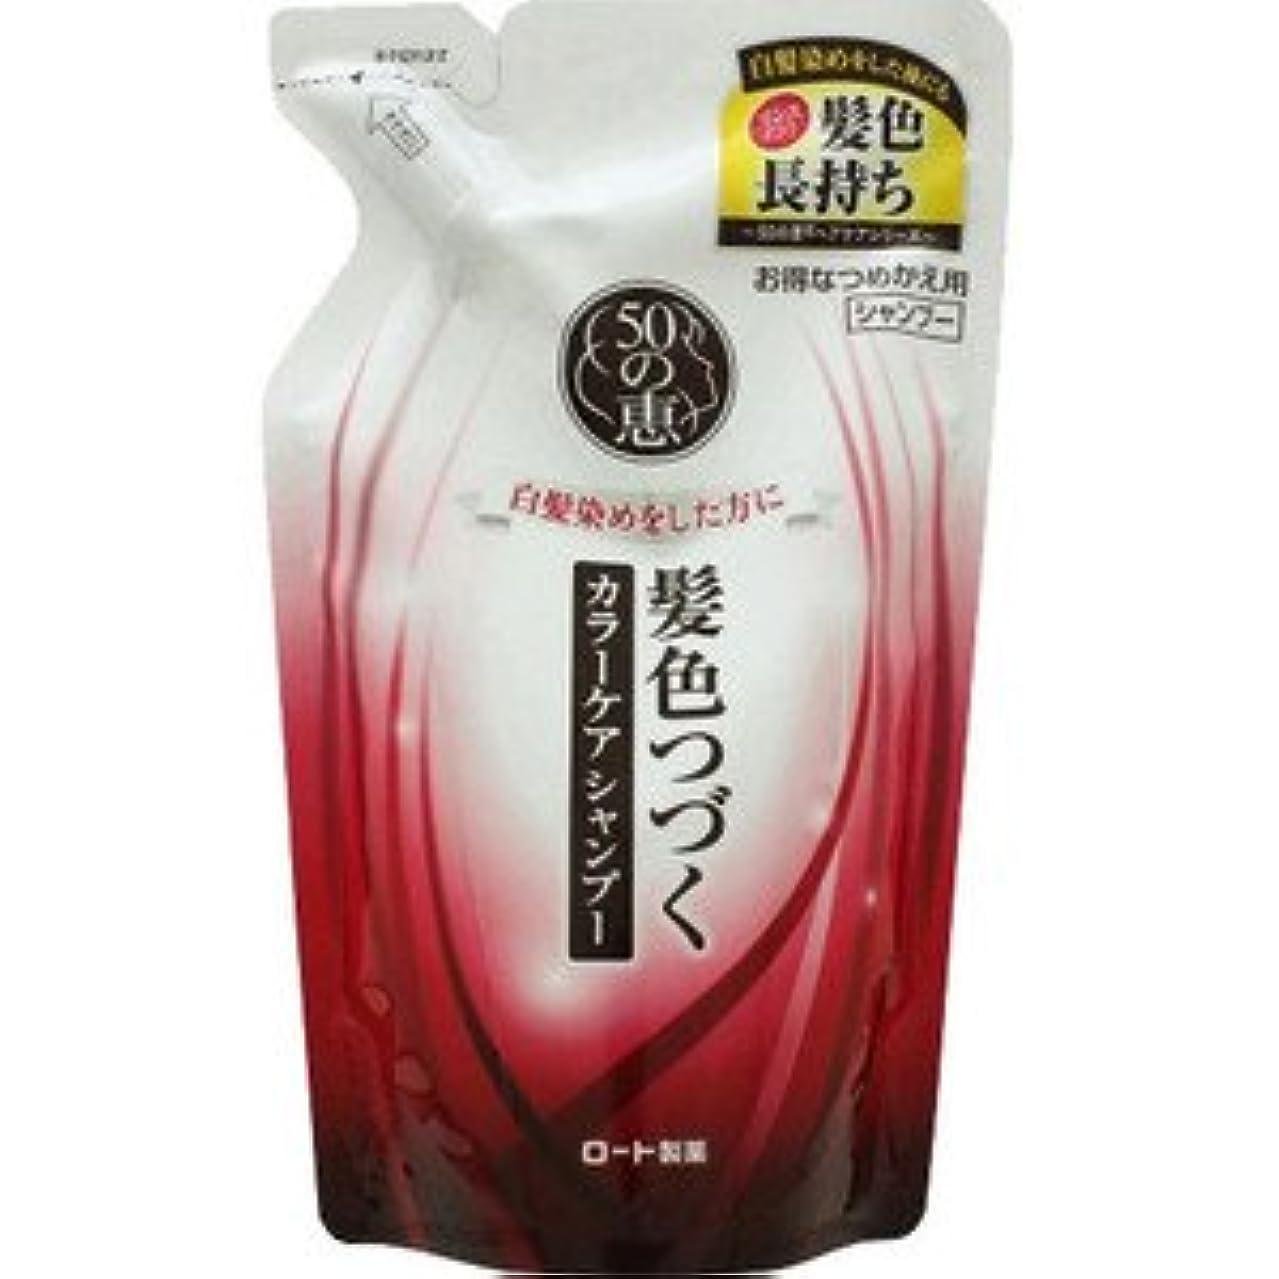 引き出す呼びかける突進(ロート製薬)50の恵 髪色つづく カラーケア シャンプー(つめかえ用) 330ml(お買い得3個セット)